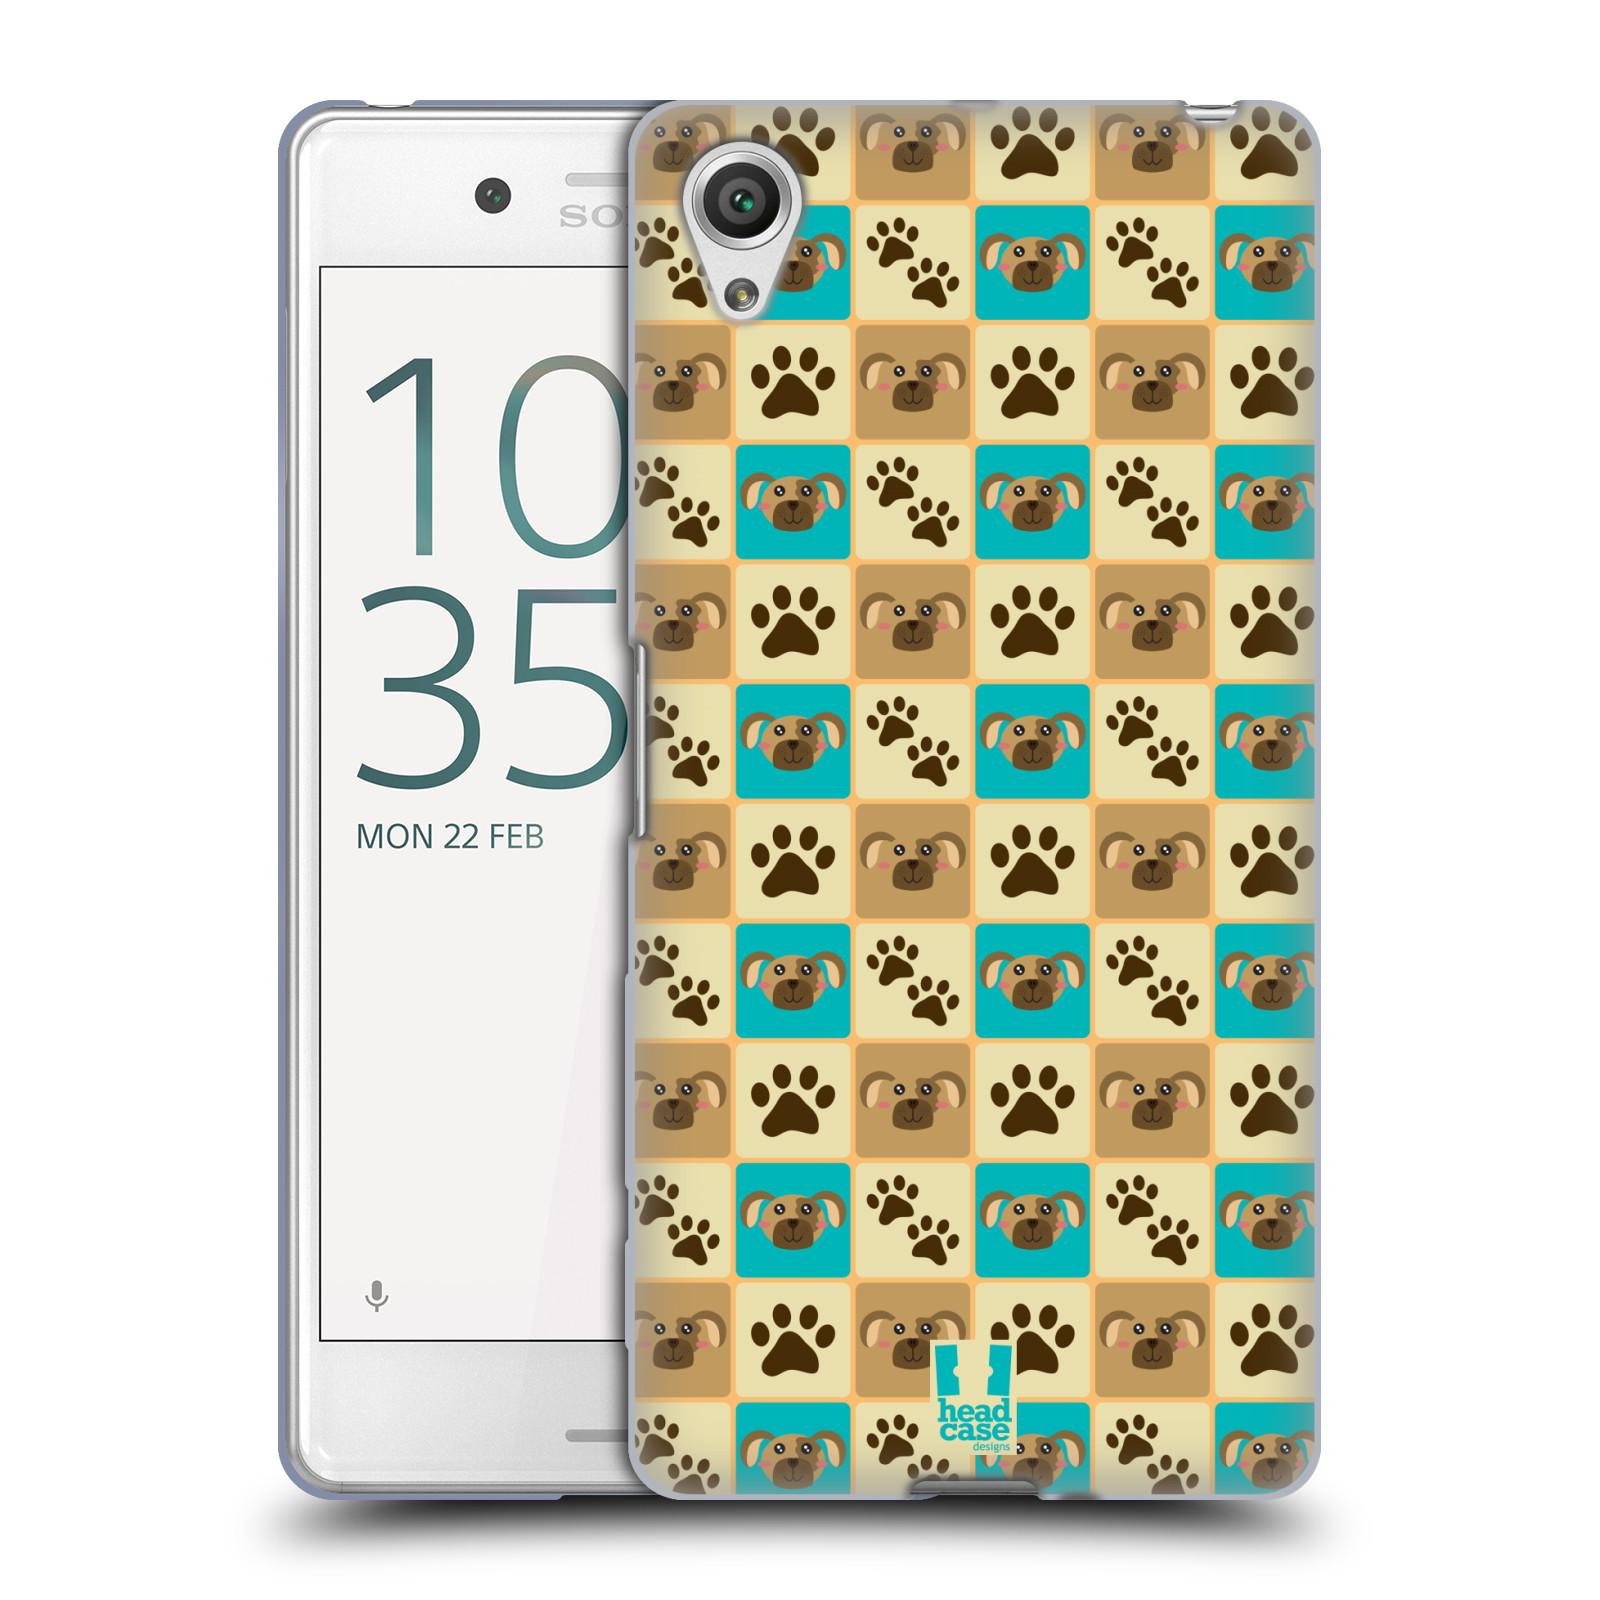 HEAD CASE silikonový obal na mobil Sony Xperia X PERFORMANCE (F8131, F8132) vzor Zvířecí razítka PSÍ TLAPKA